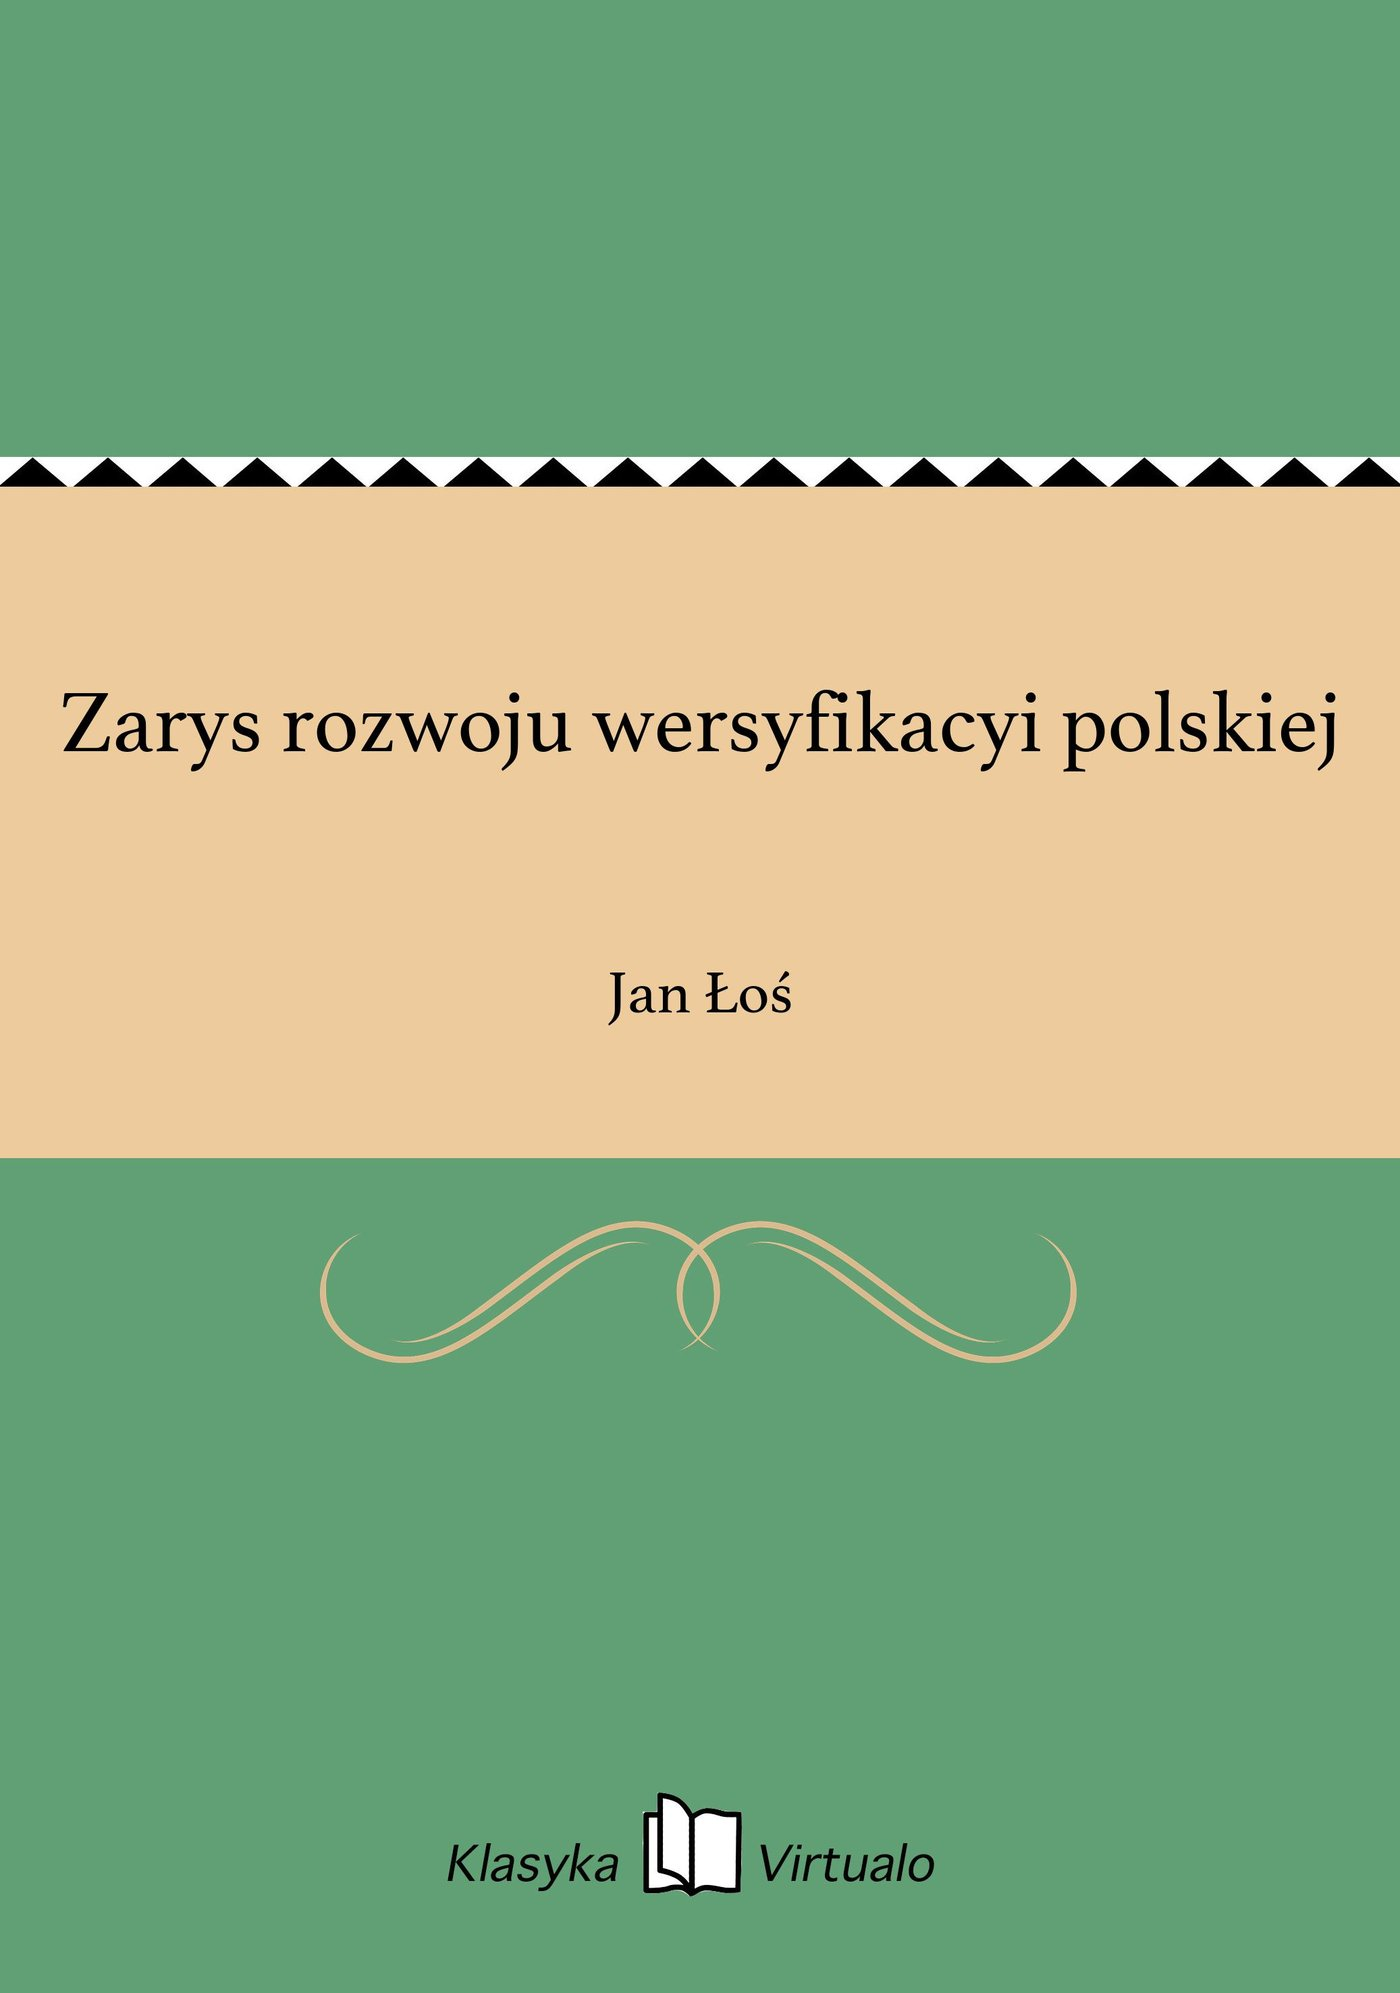 Zarys rozwoju wersyfikacyi polskiej - Ebook (Książka na Kindle) do pobrania w formacie MOBI